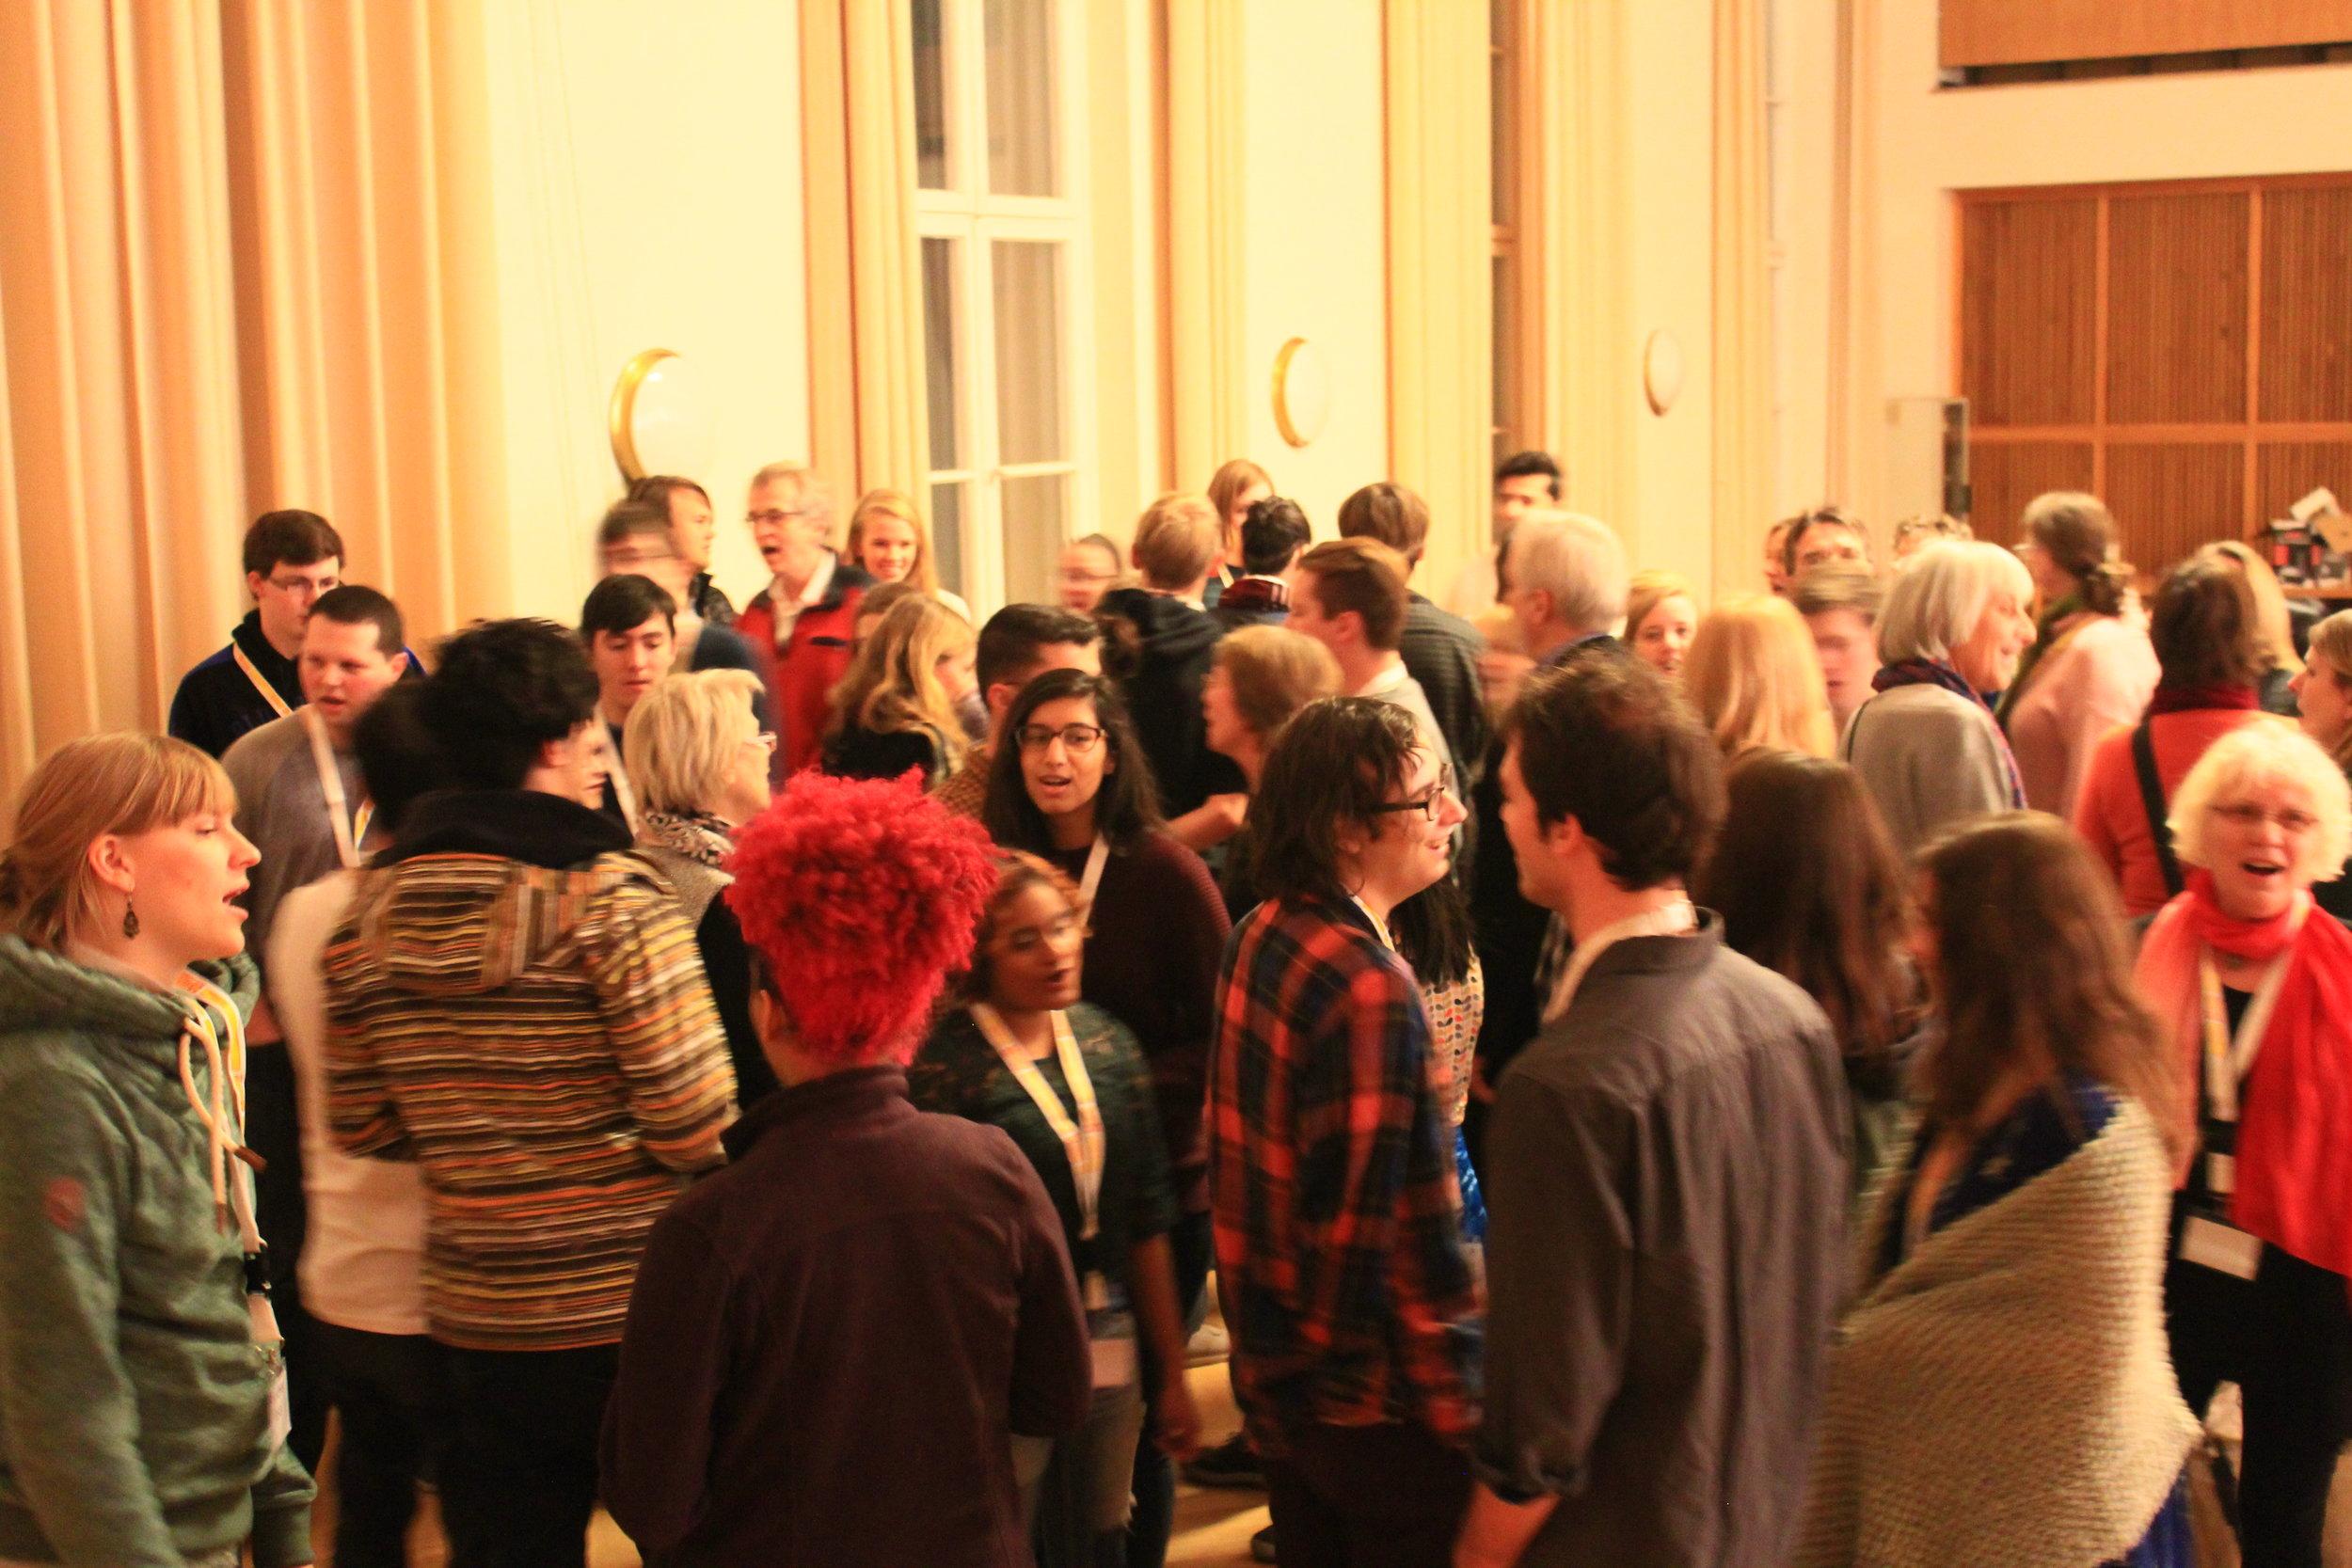 Vocal improv warm-ups with Begegnungschor